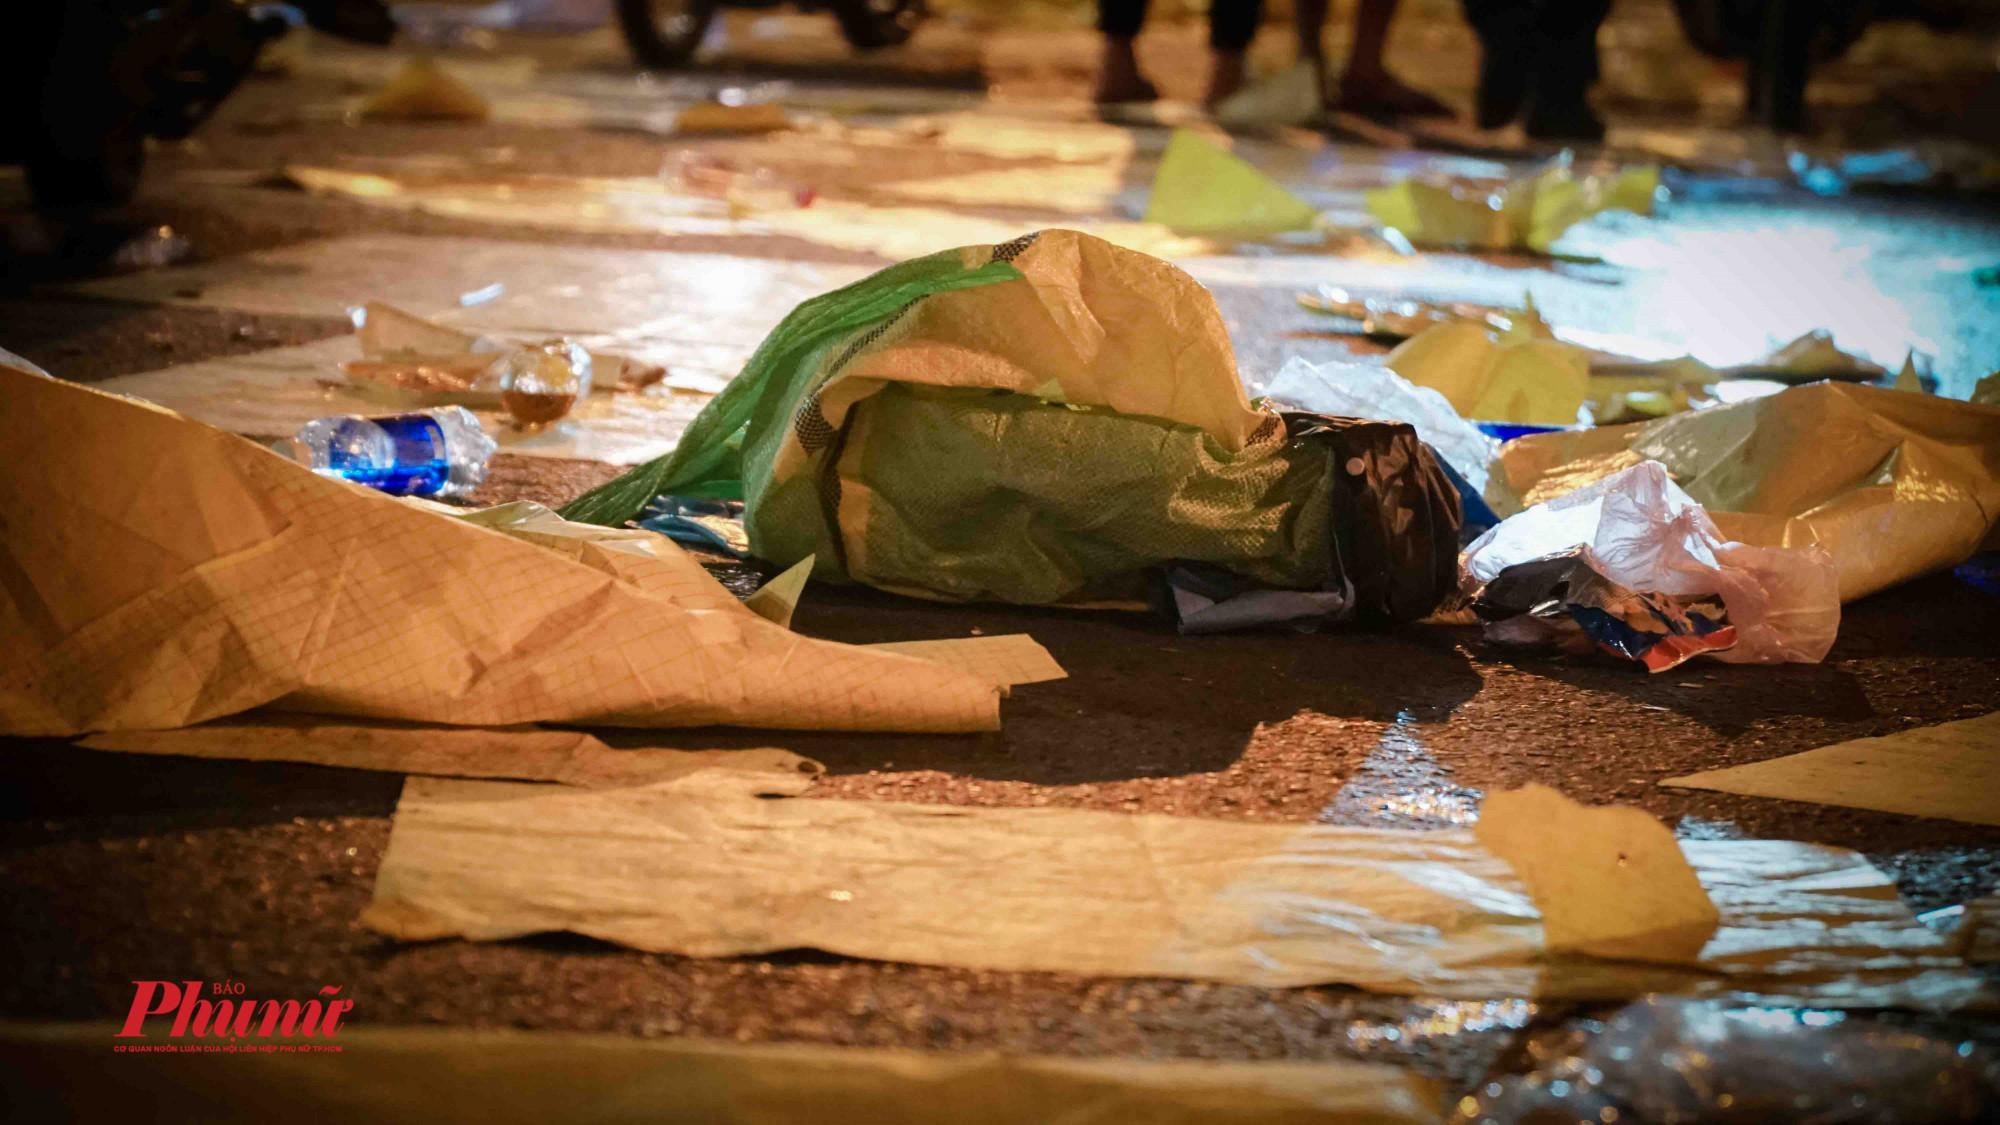 Vô số các loại rác được người dân bỏ lại sau chương trình xem pháo hoa